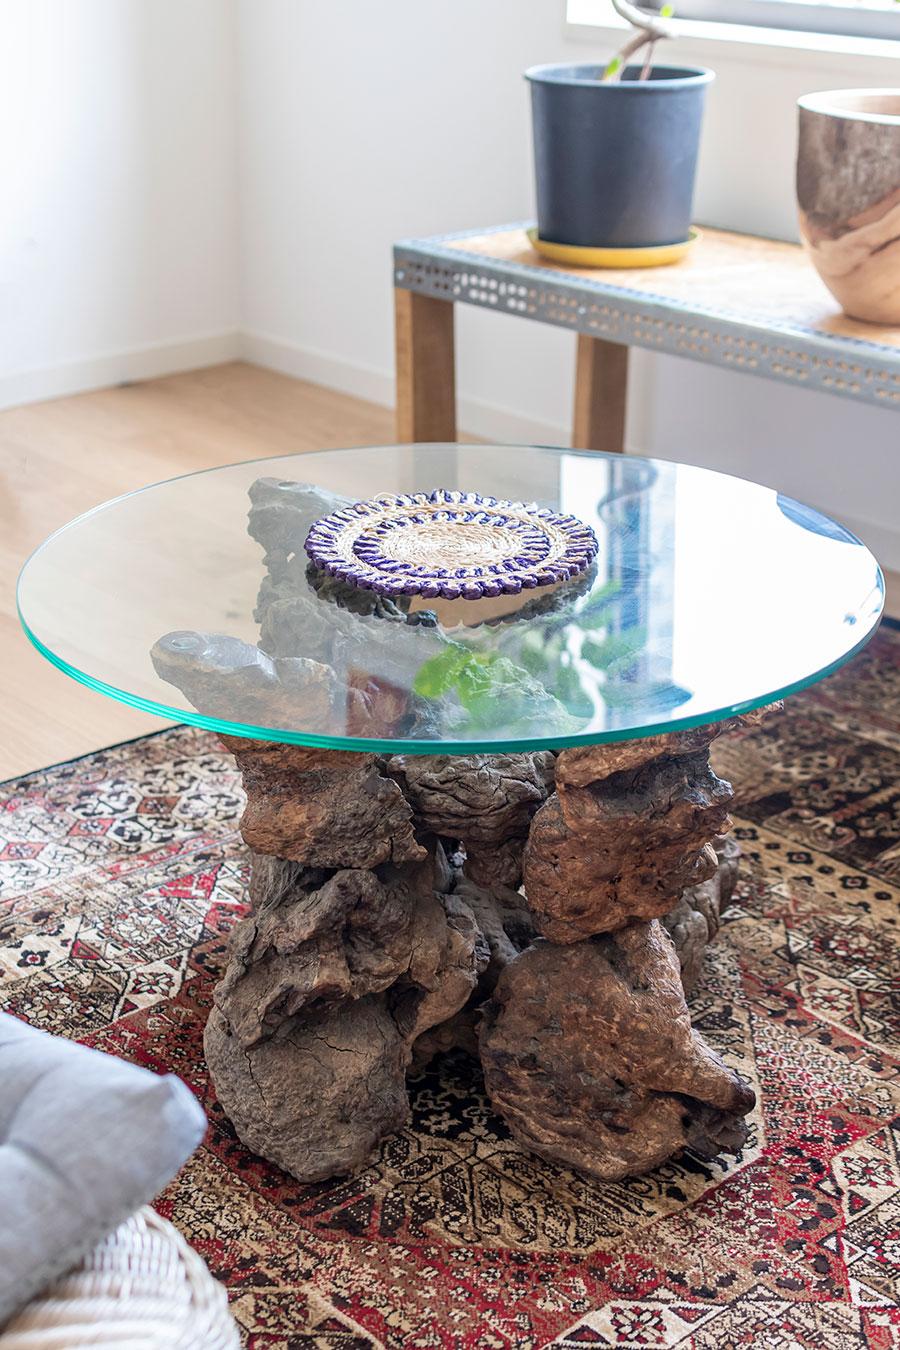 大阪「WANT ANTIQUE」で購入したローテーブル。